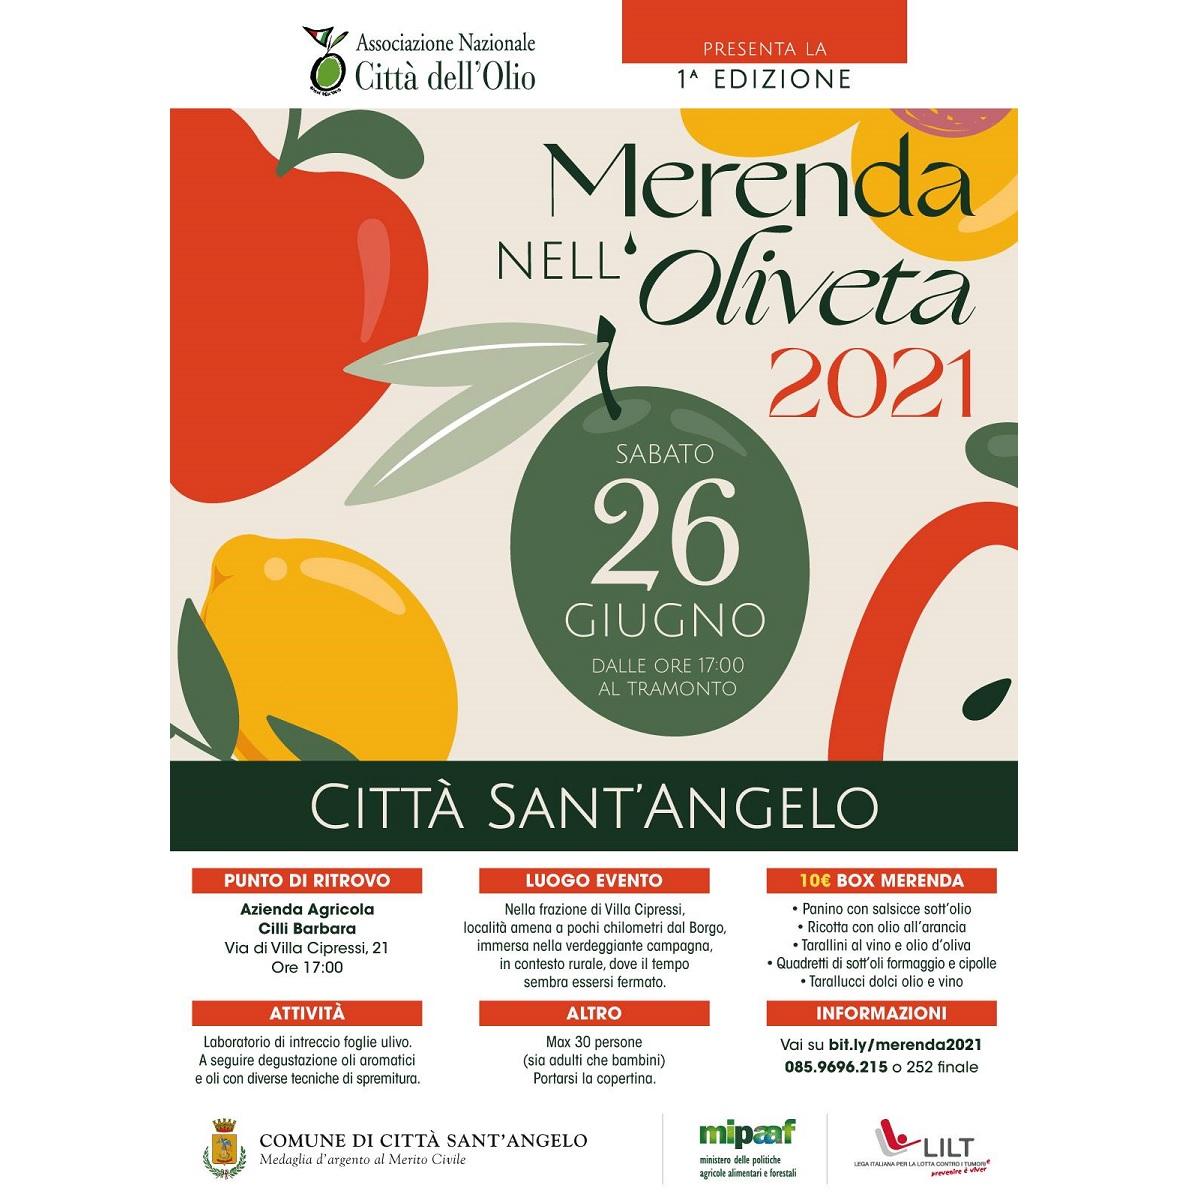 Merenda nell'Oliveta 2021 a Città Sant'Angelo foto